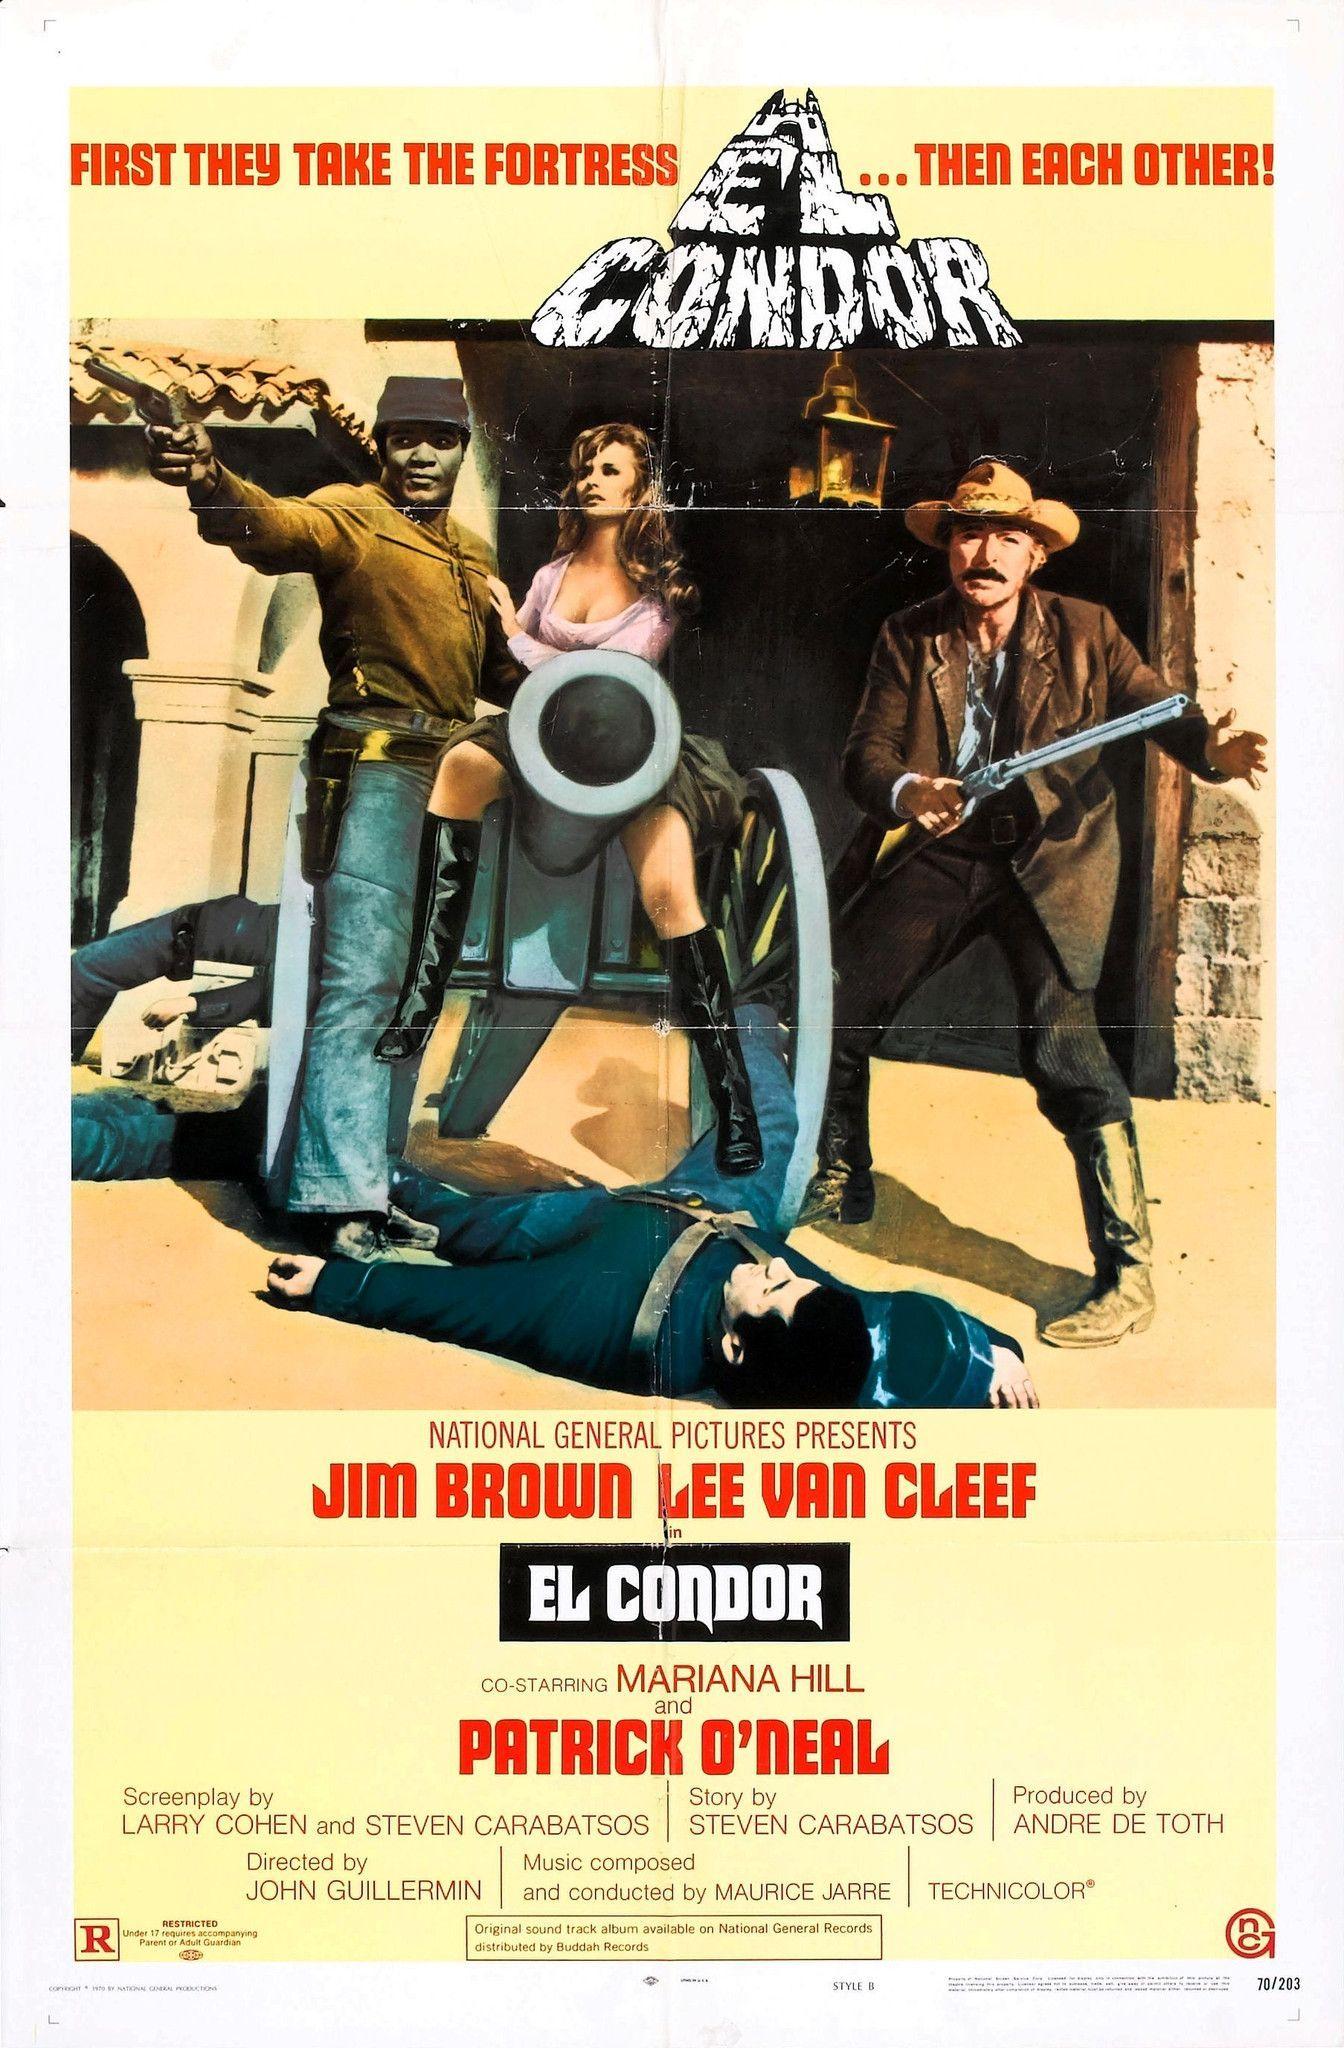 el condor 1970 full movie